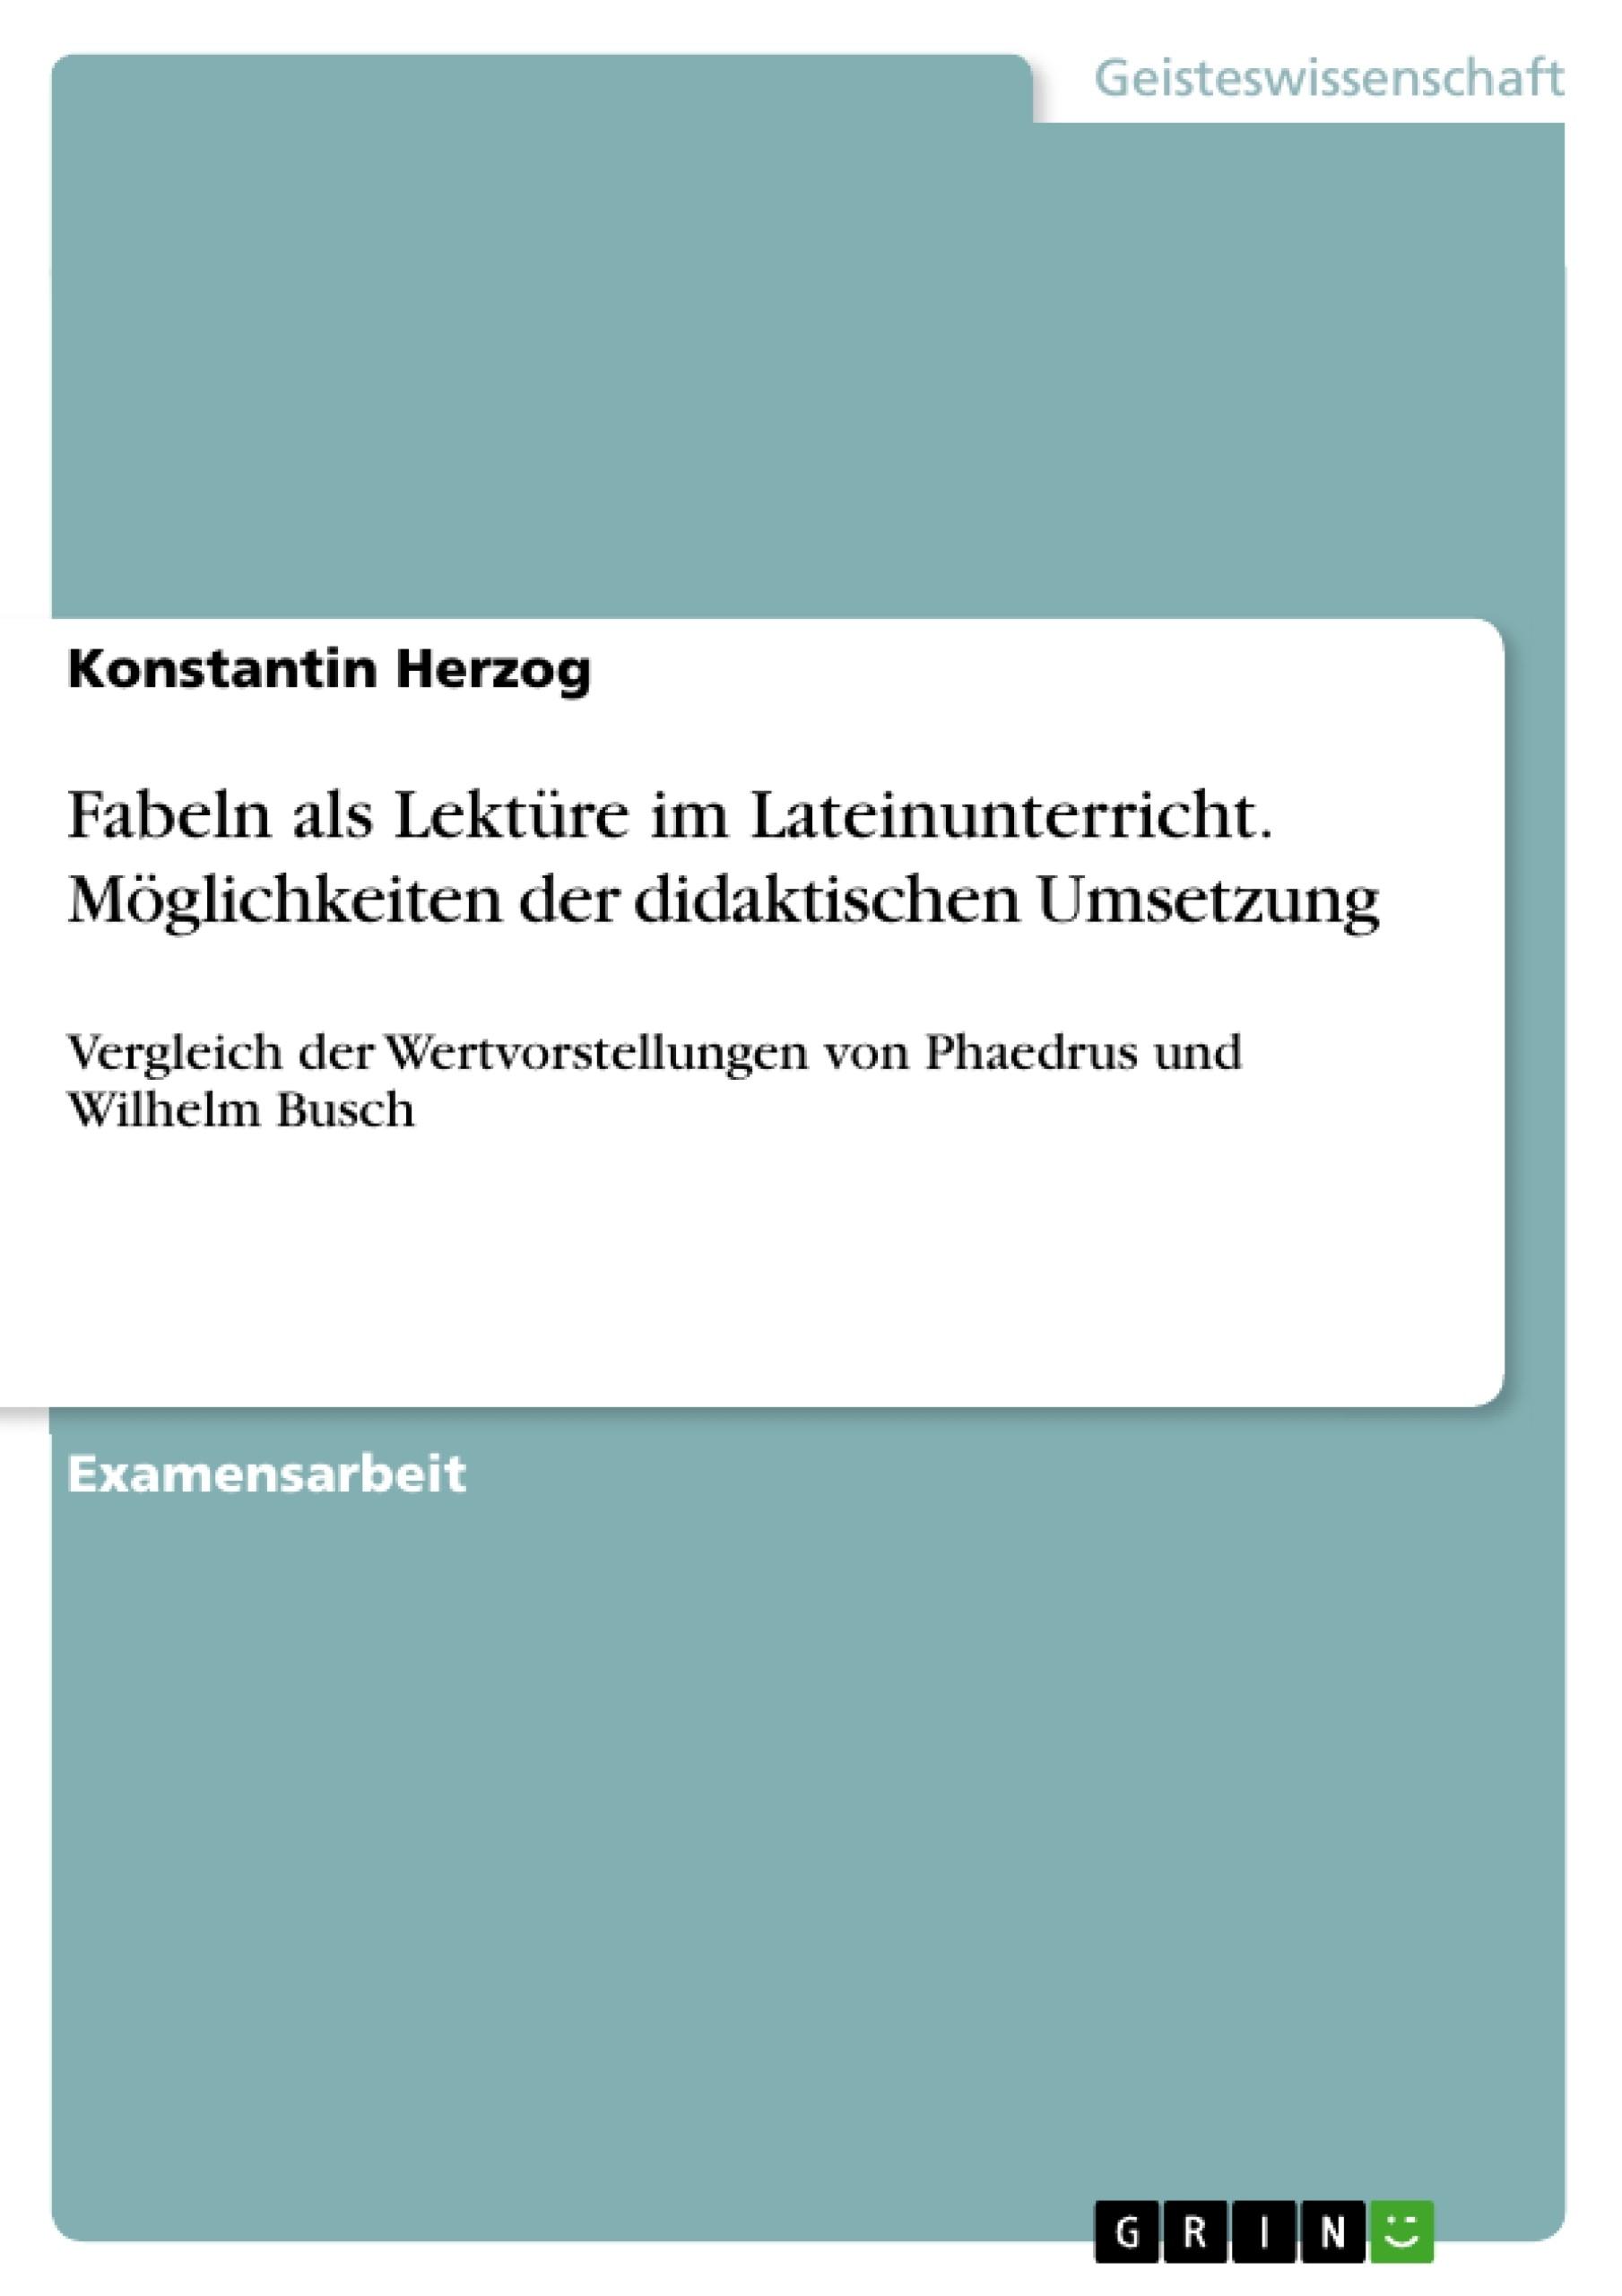 Titel: Fabeln als Lektüre im Lateinunterricht. Möglichkeiten der didaktischen Umsetzung